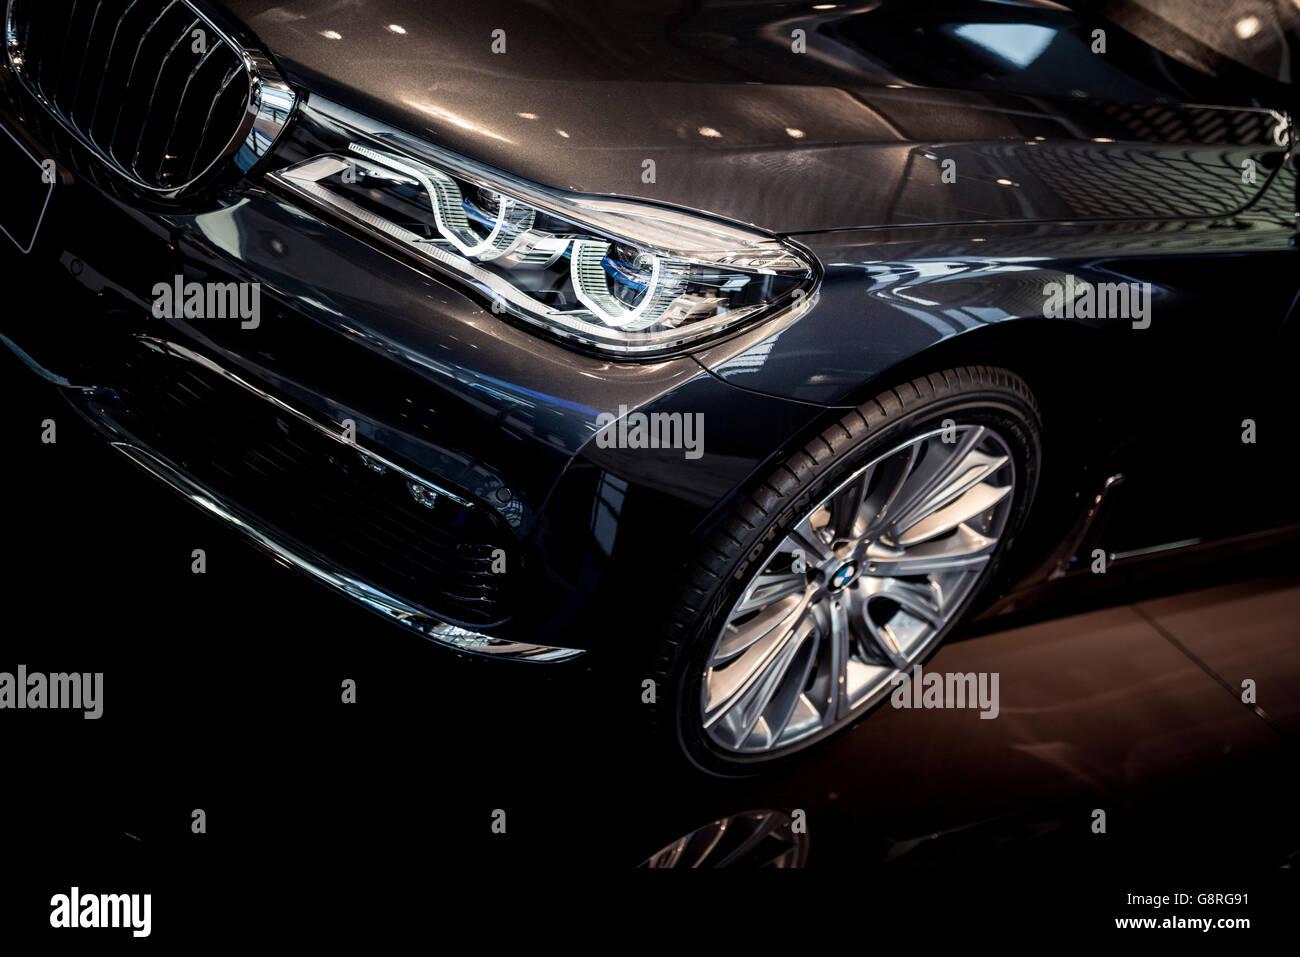 New BMW 7 - Stock Image